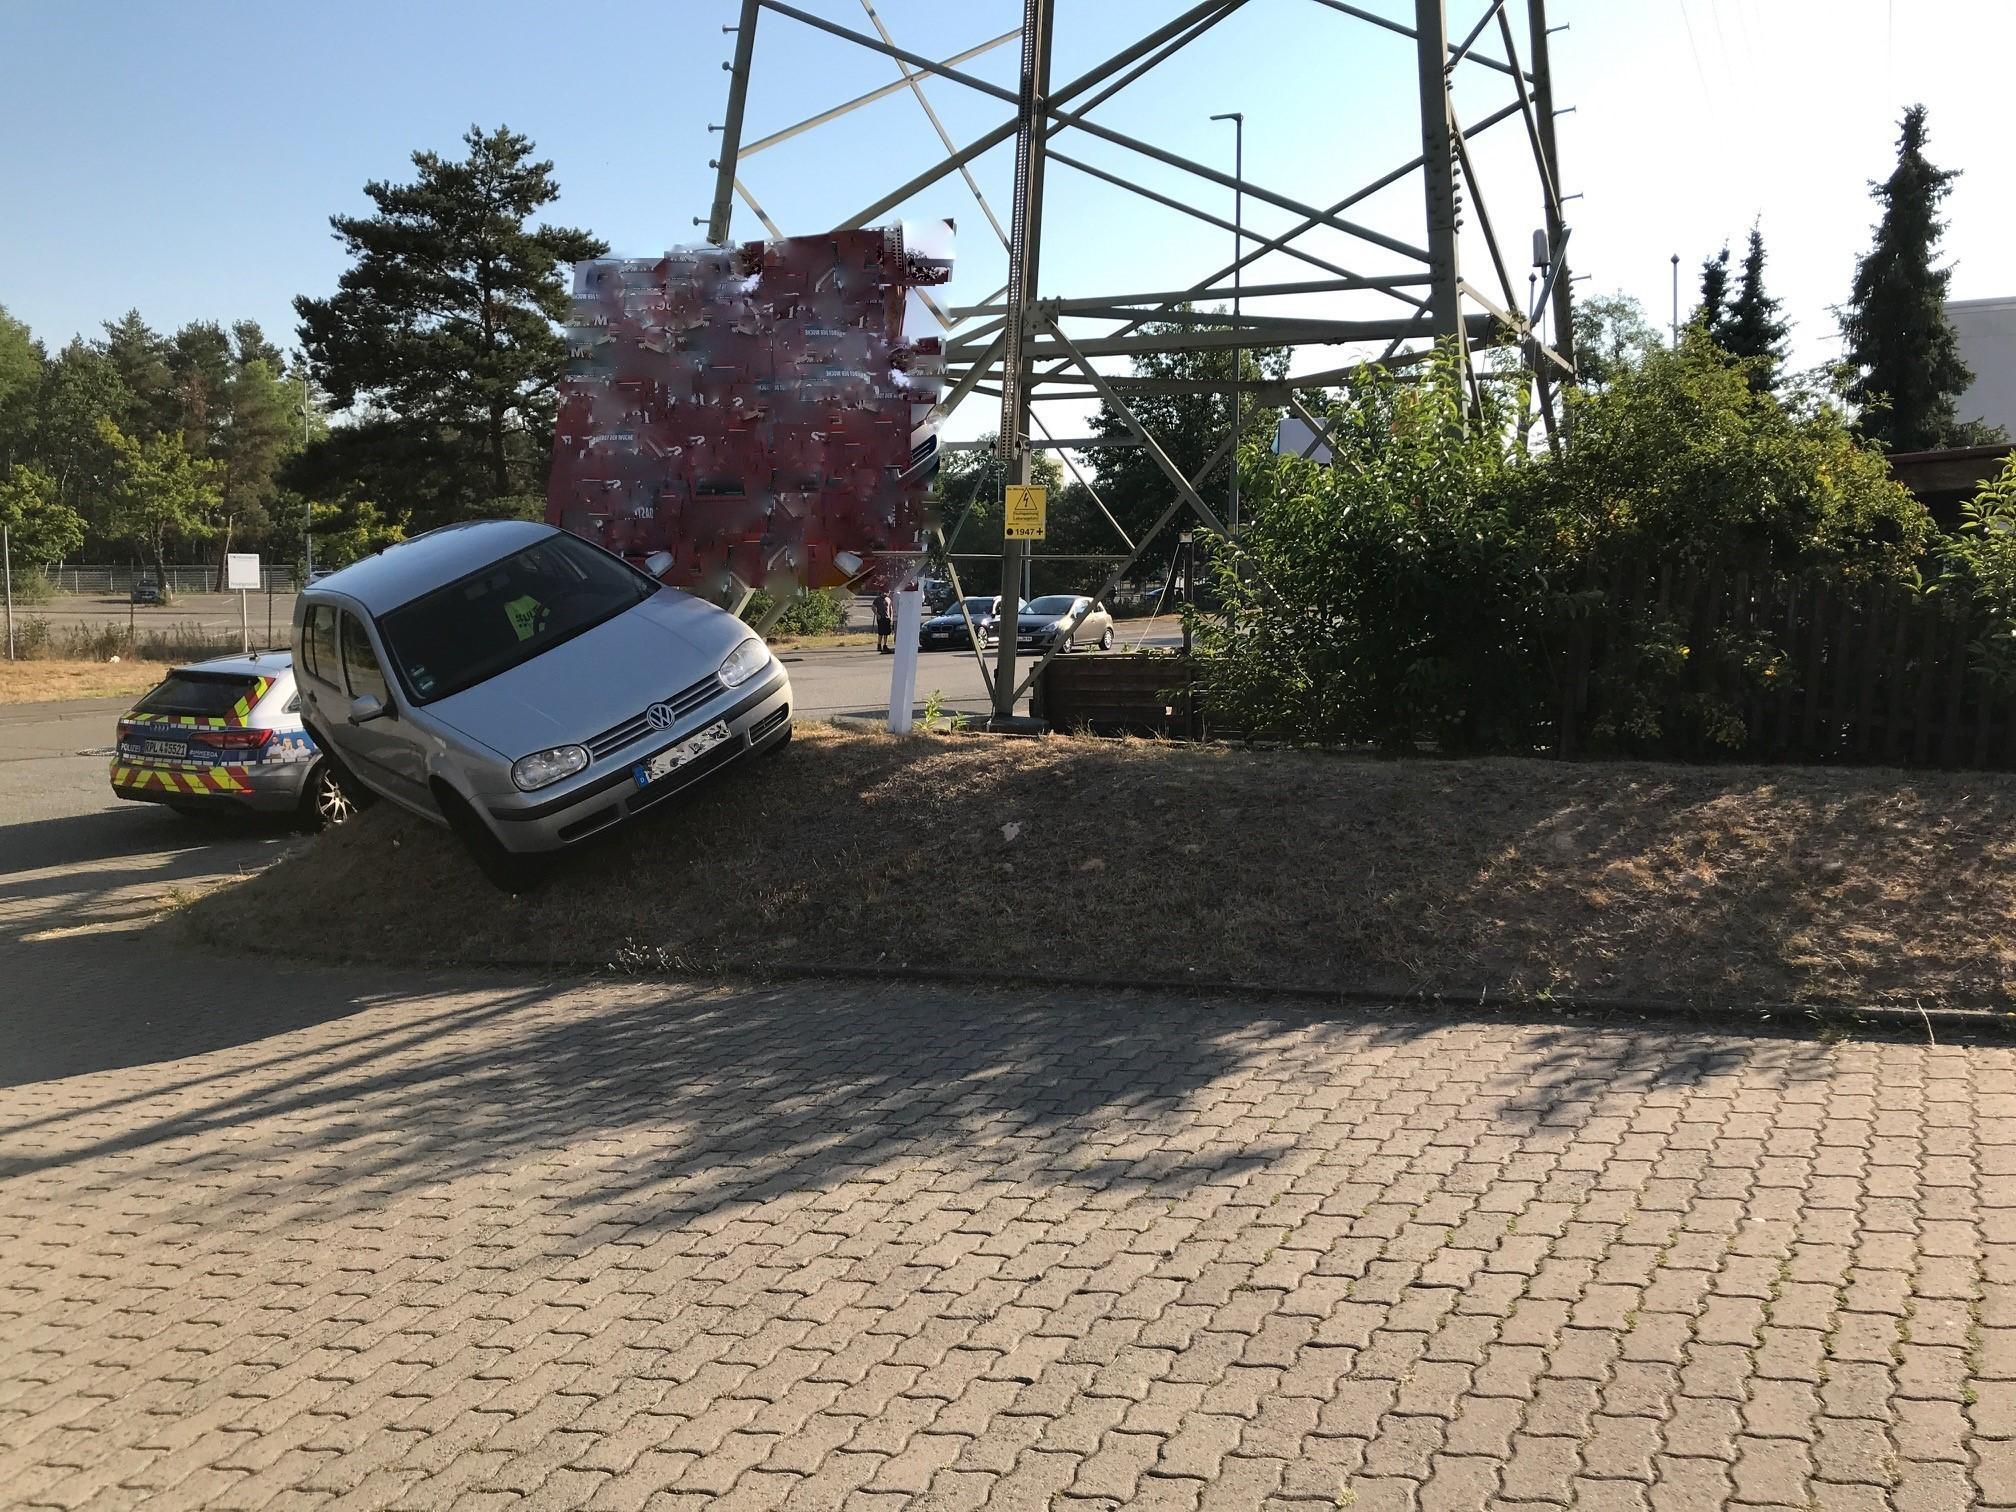 Schattige Parkplätze sind gefragt